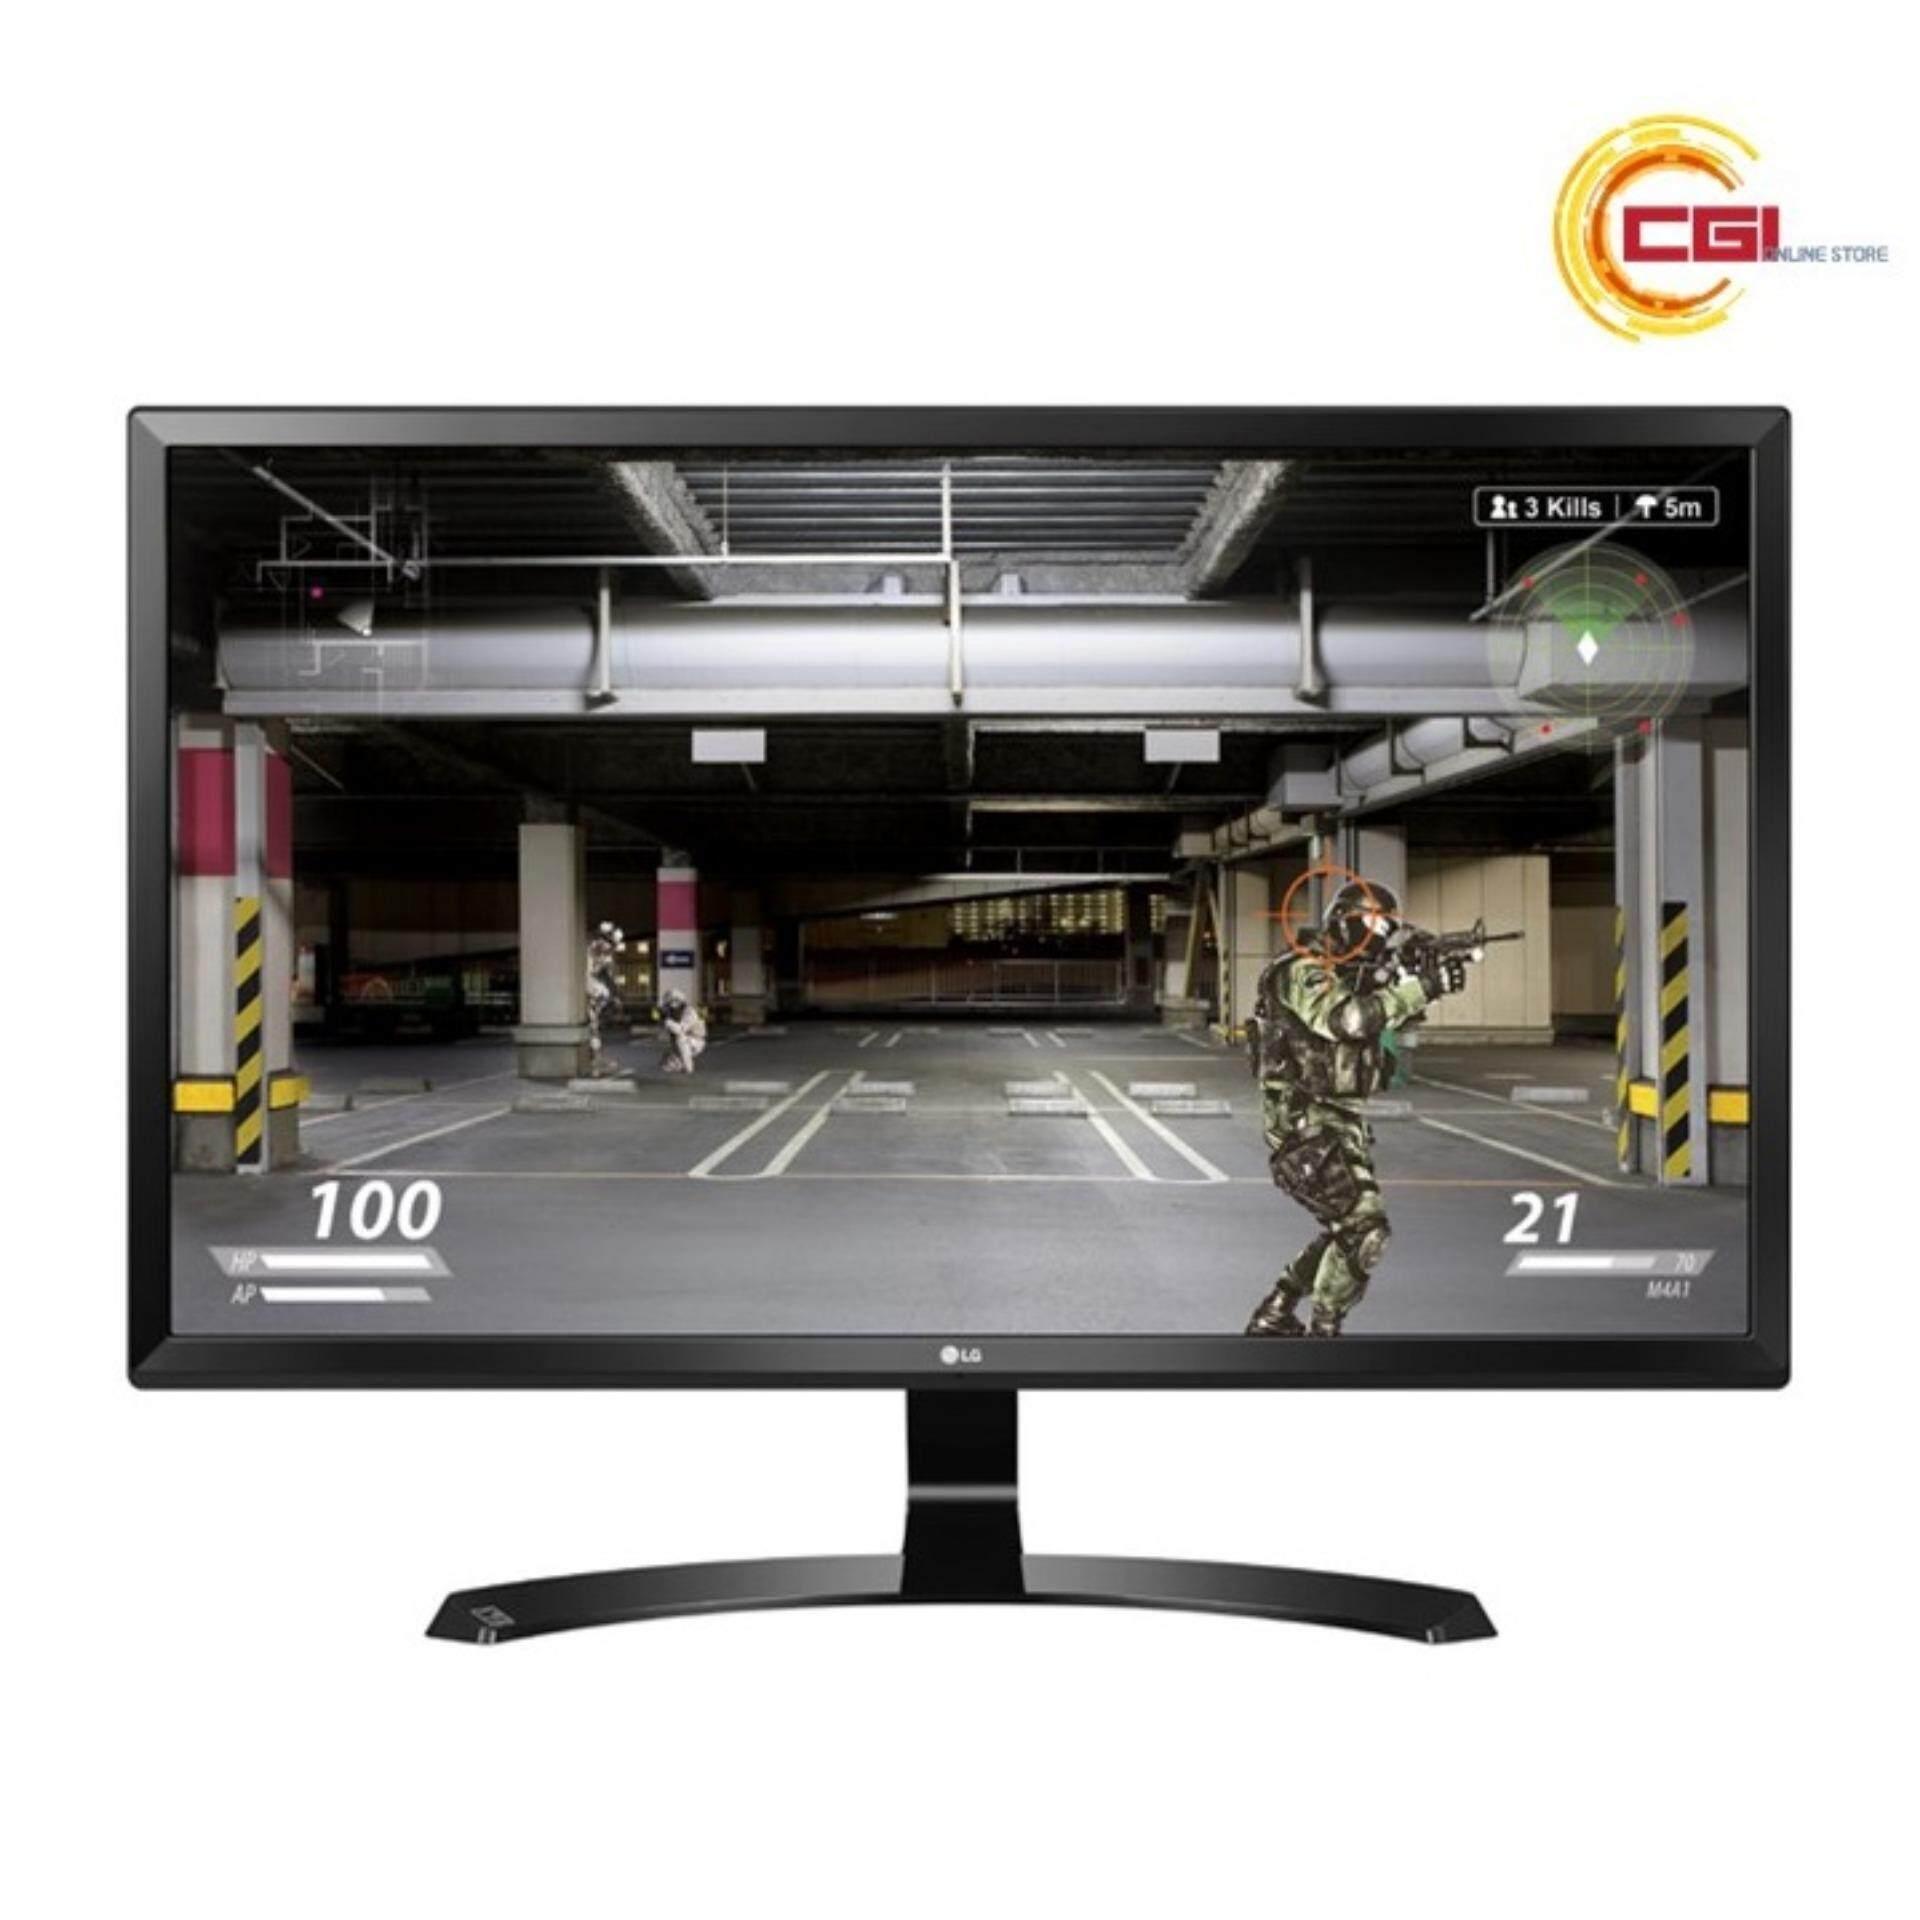 LG 27 27UD58 4K UHD IPS LED Monitor Malaysia